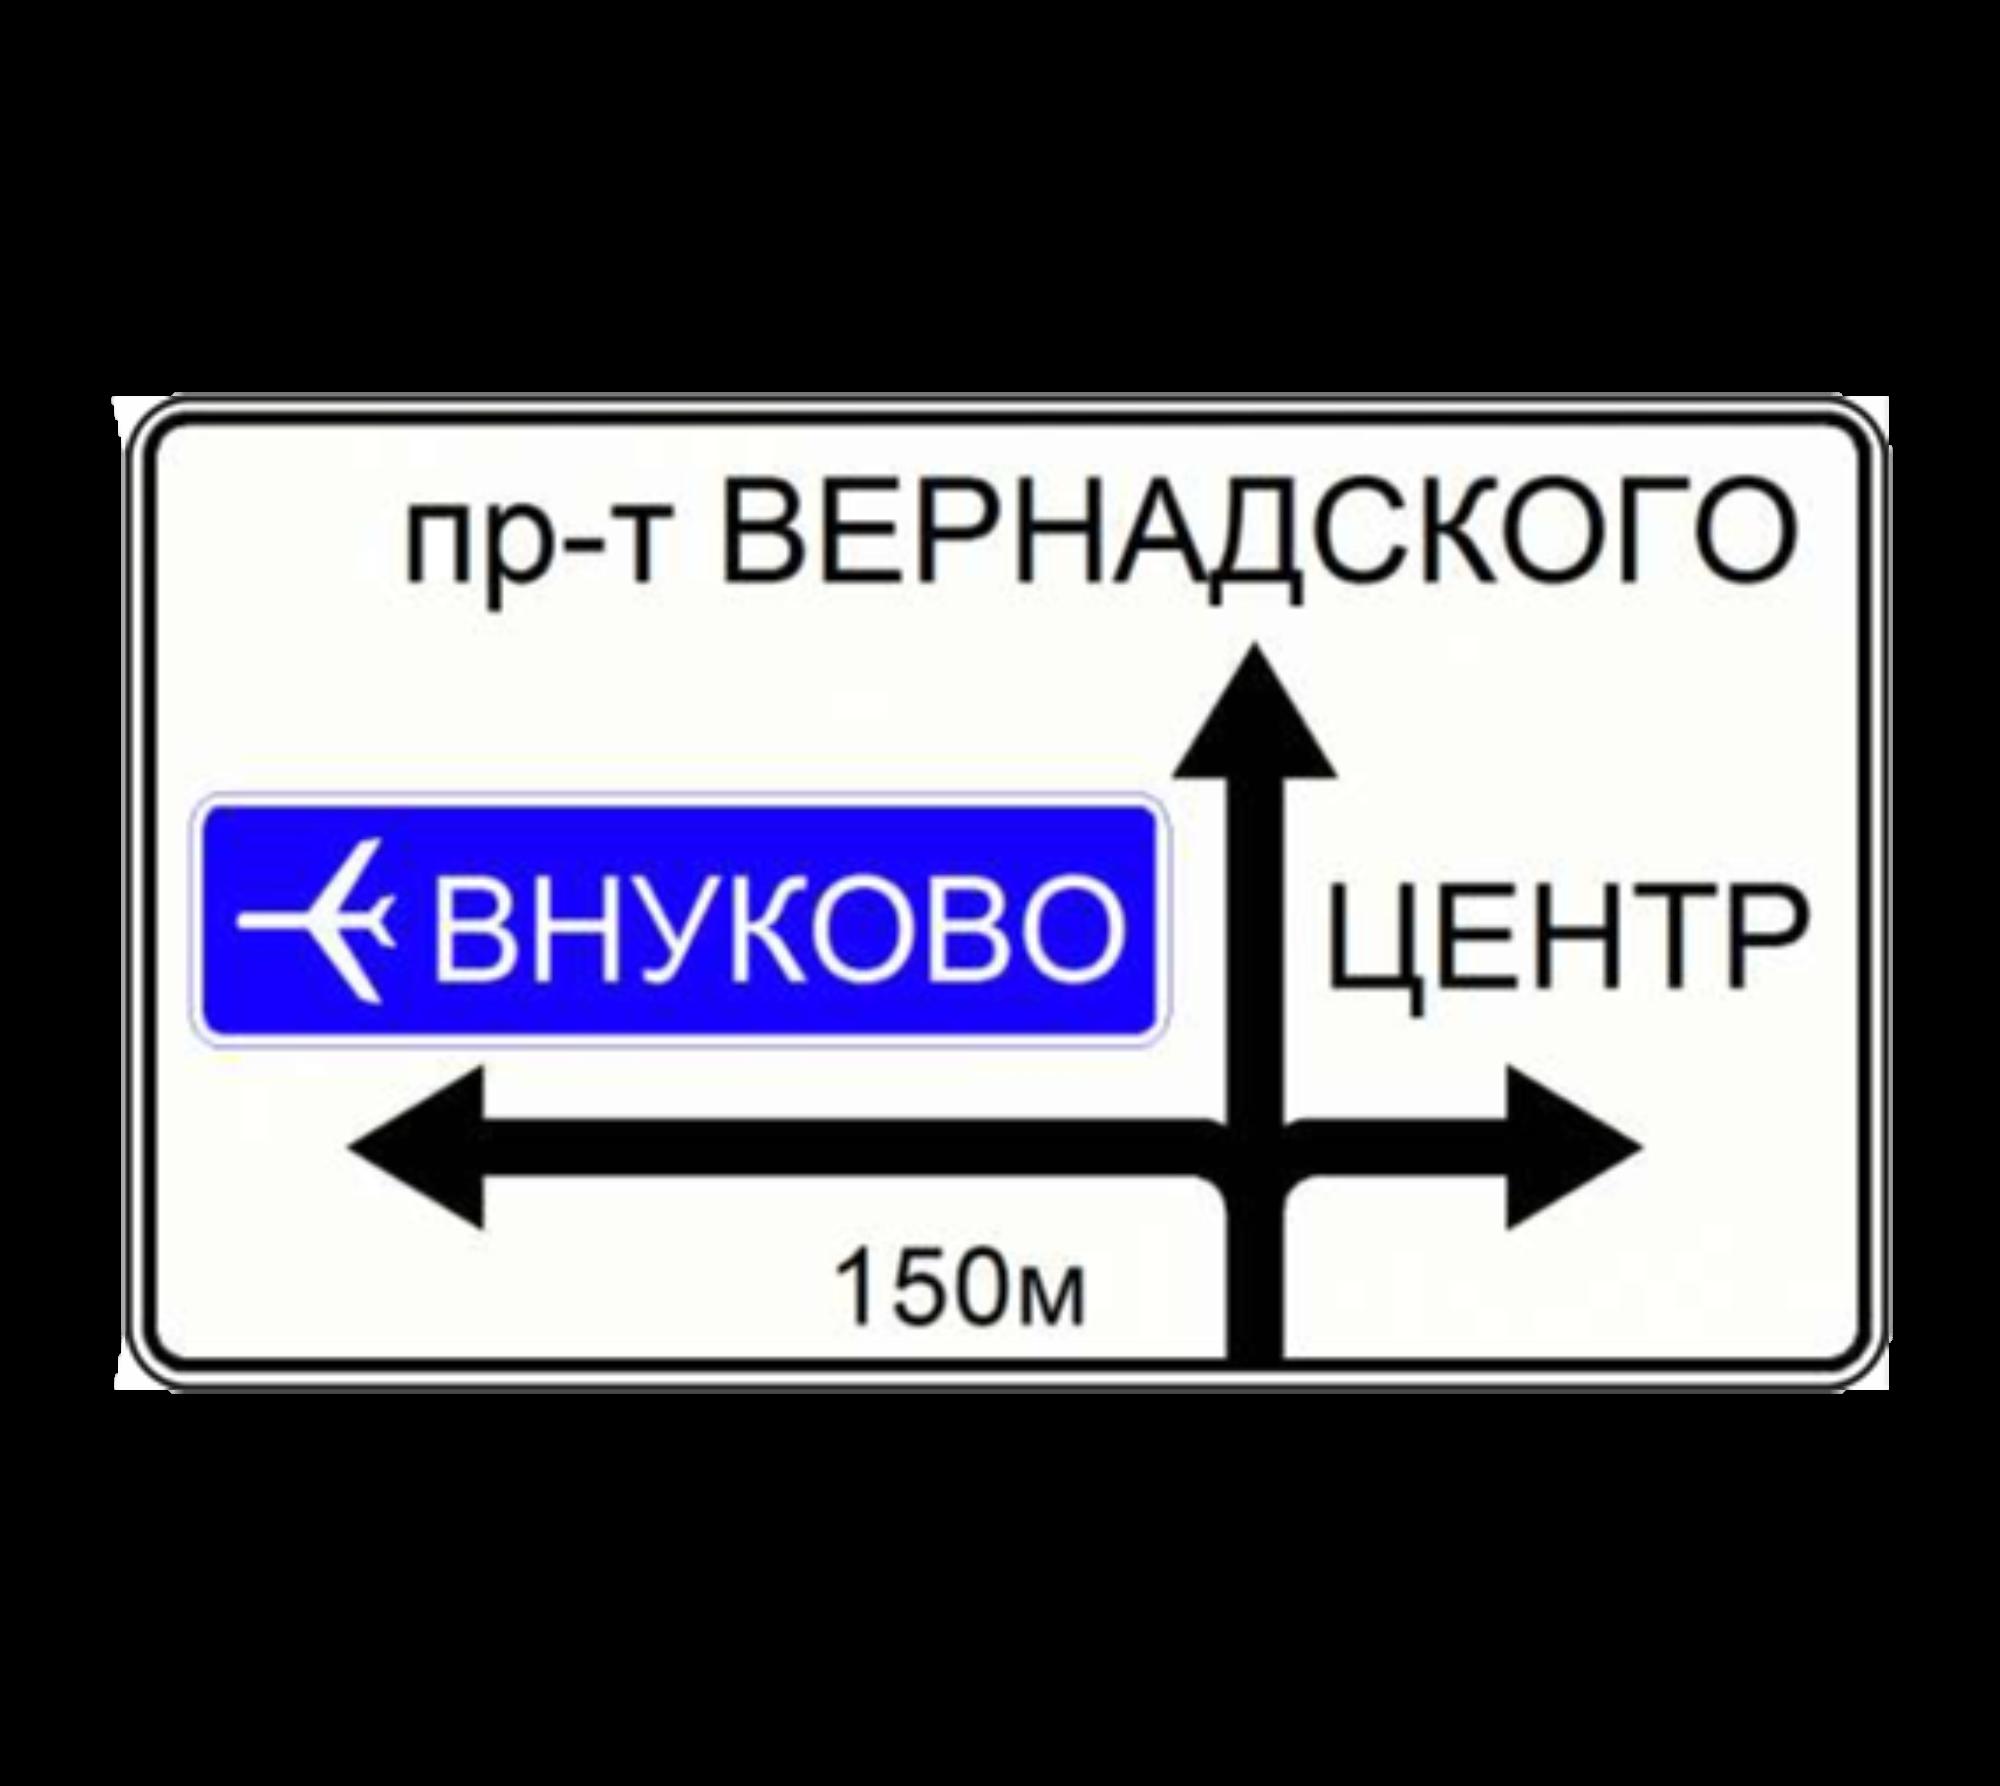 6.9.1 Предварительный указатель направлений